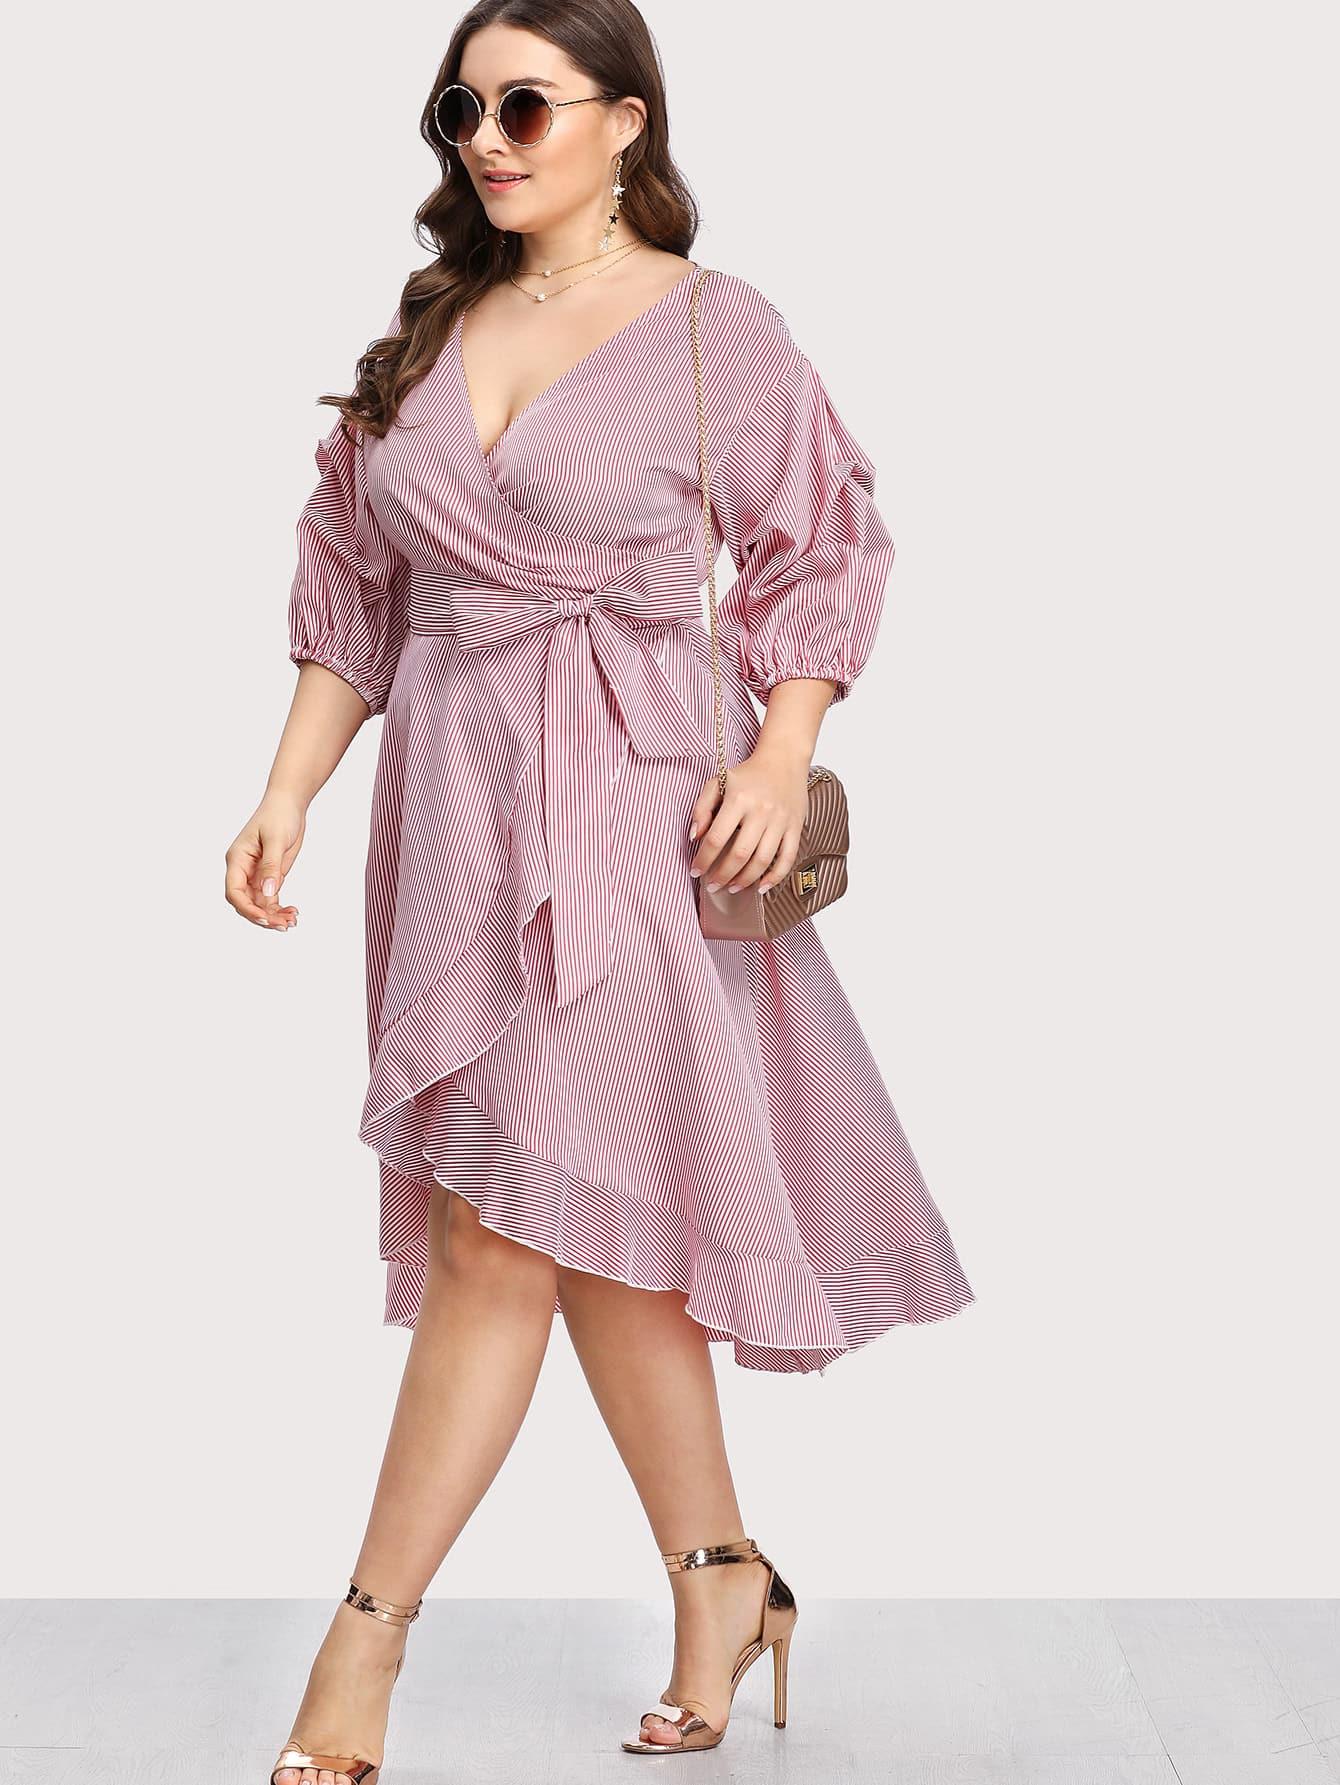 Купить Модное платье в полоску с оборкой, рукав-фонарик, Franziska, SheIn